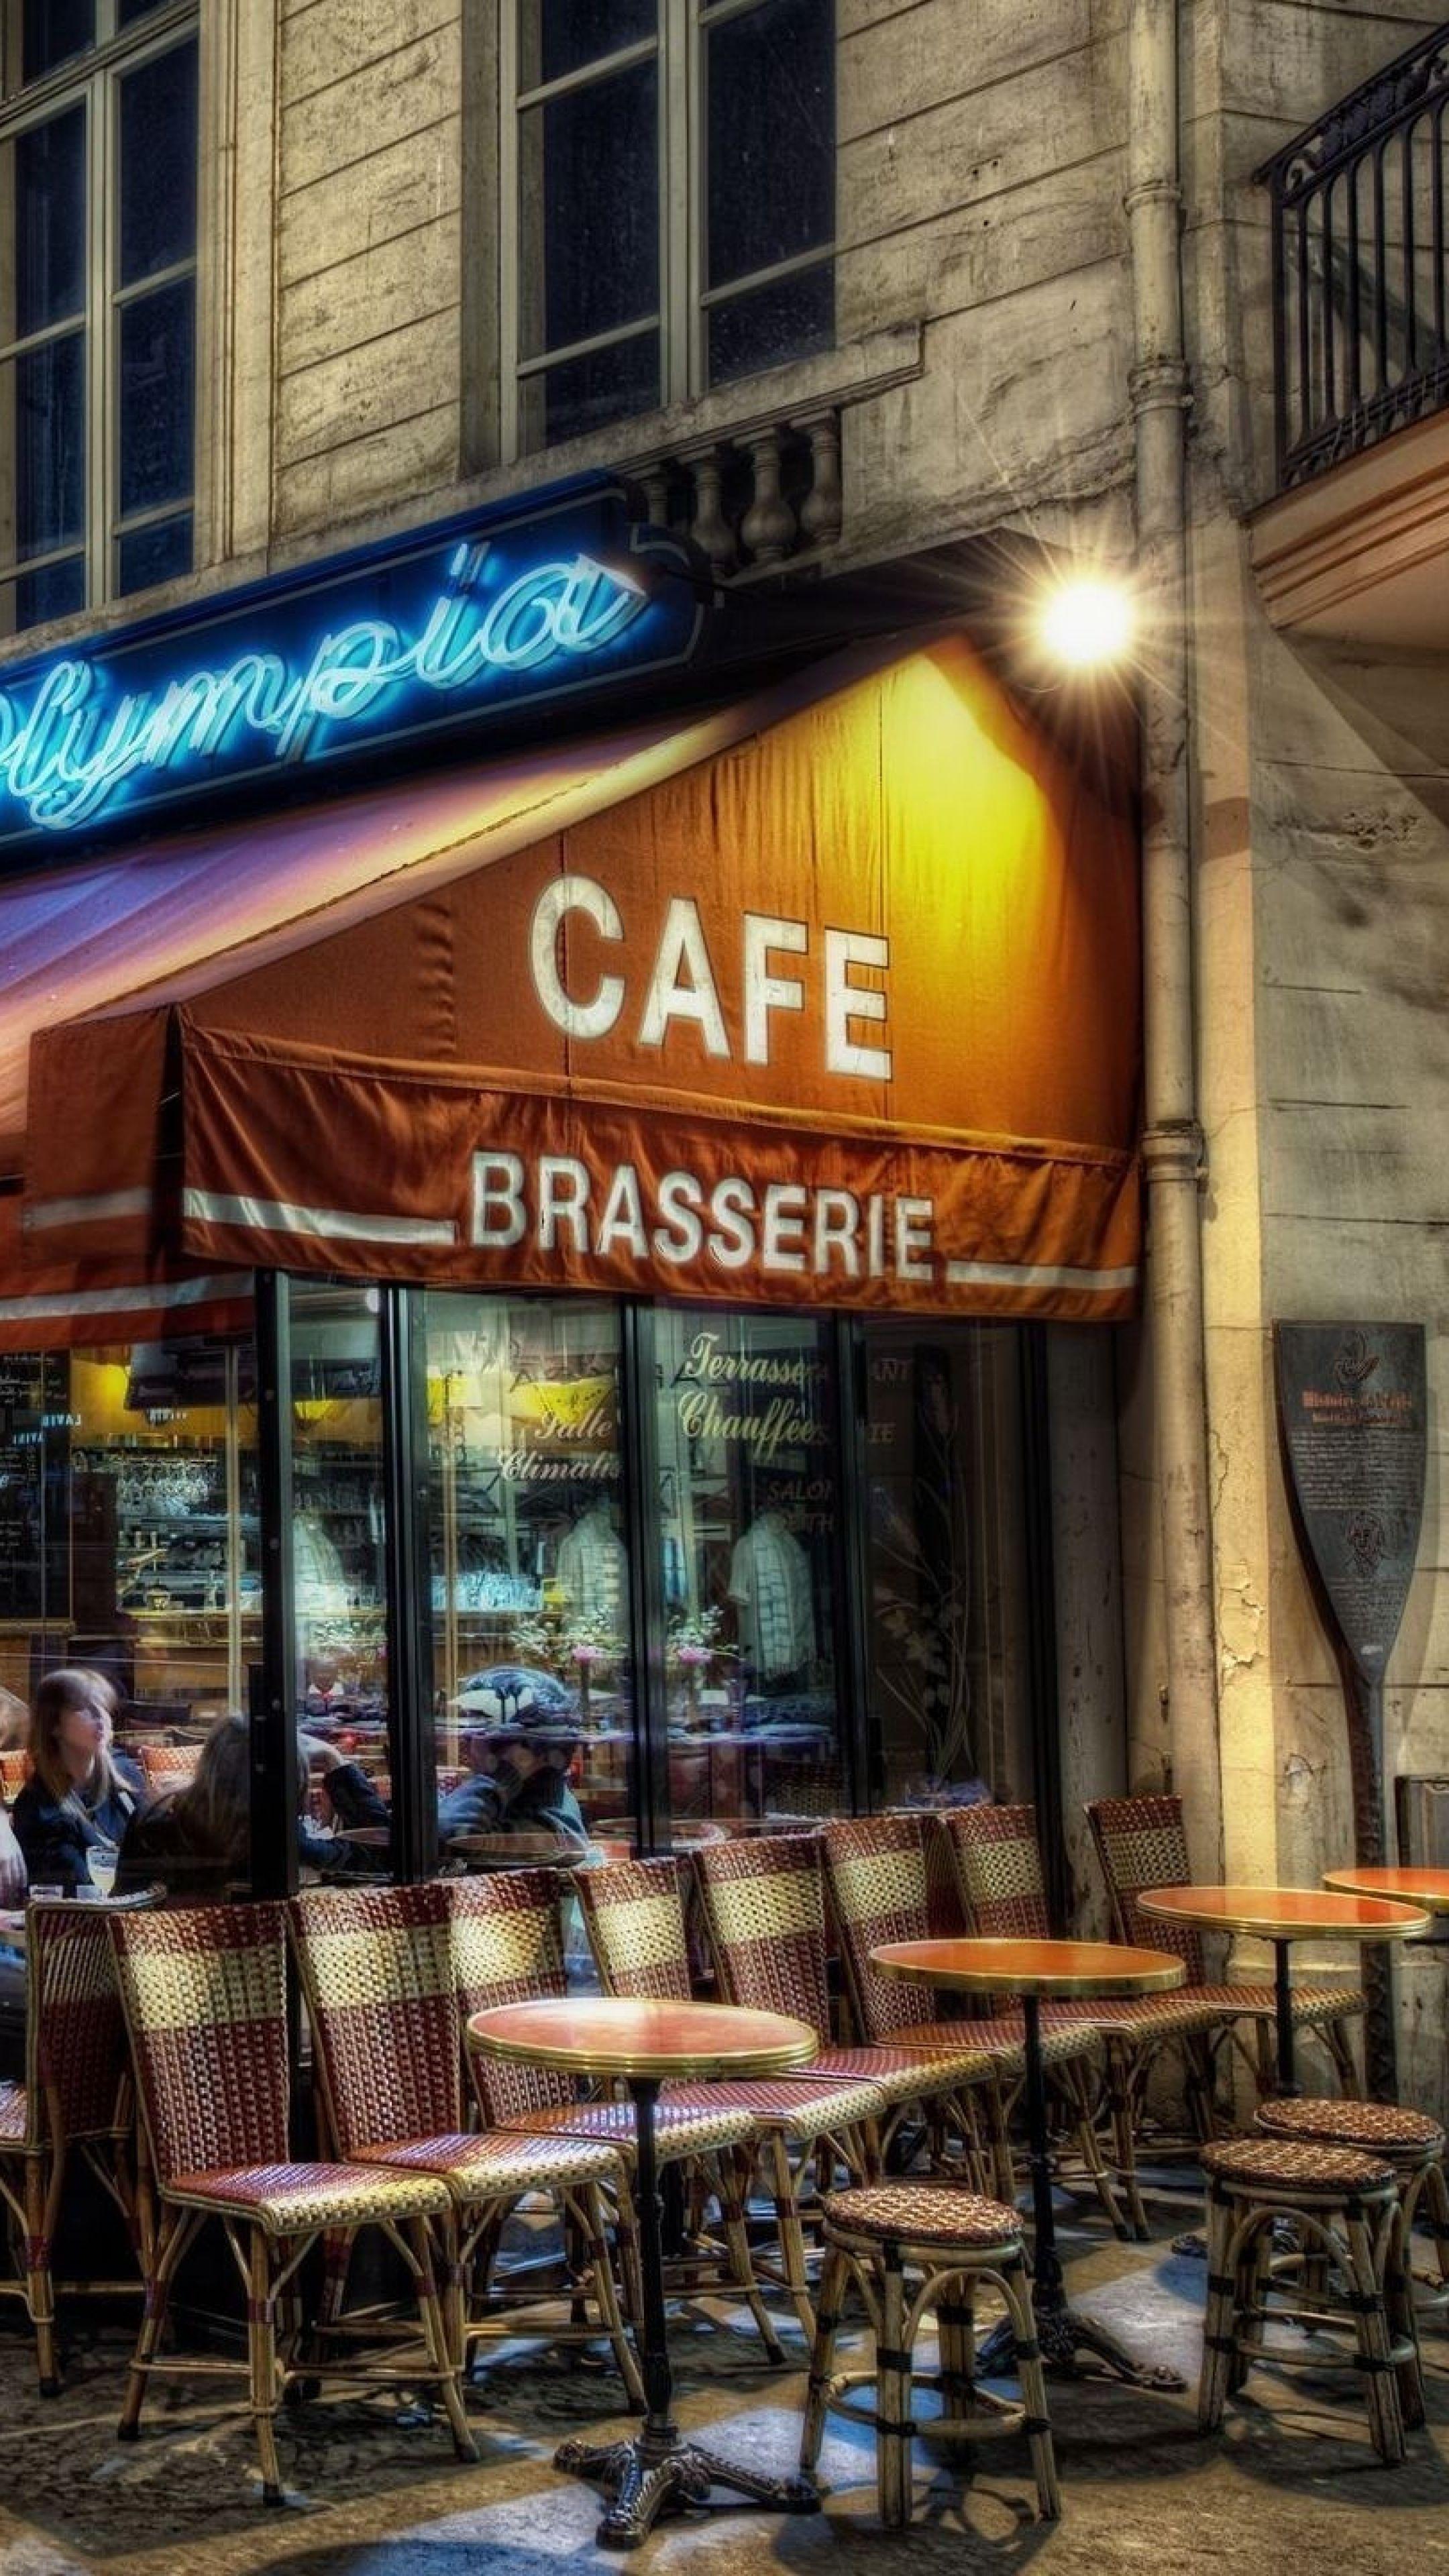 2160x3840 Wallpaper Paris Cafes Street Party Romance Hdr Paris Cafe Paris Paris At Night